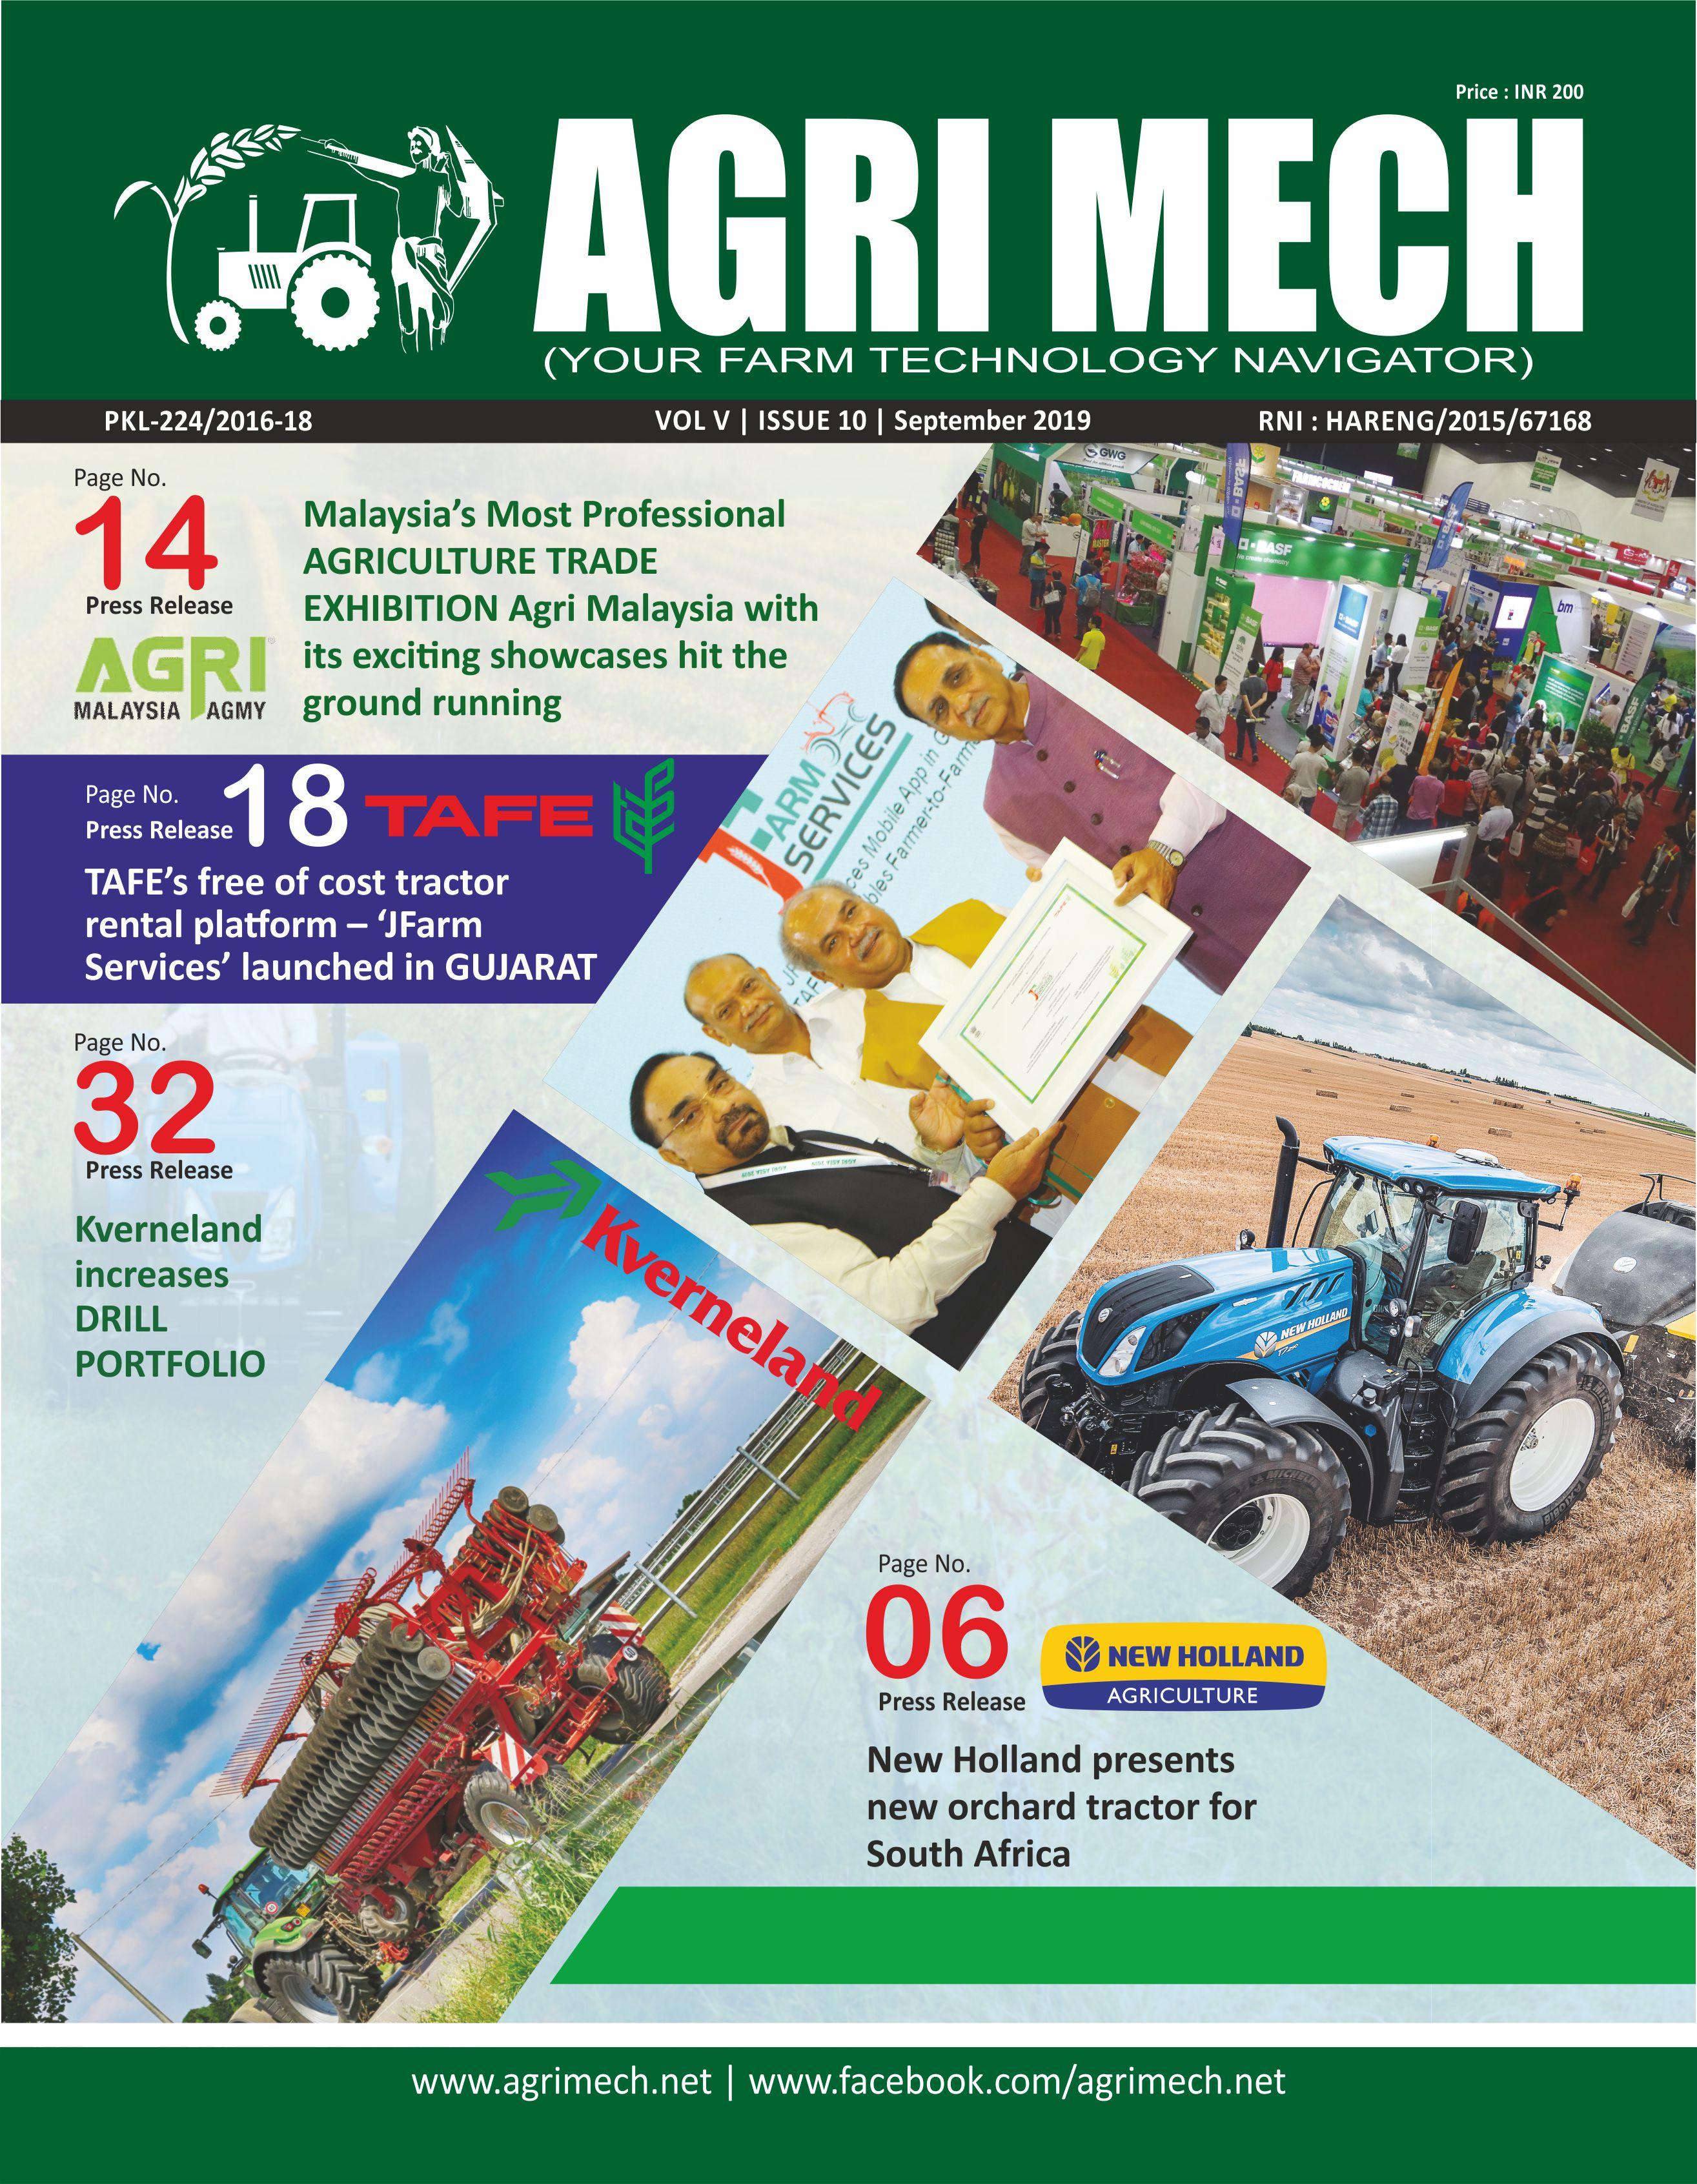 Agri Mech 2019